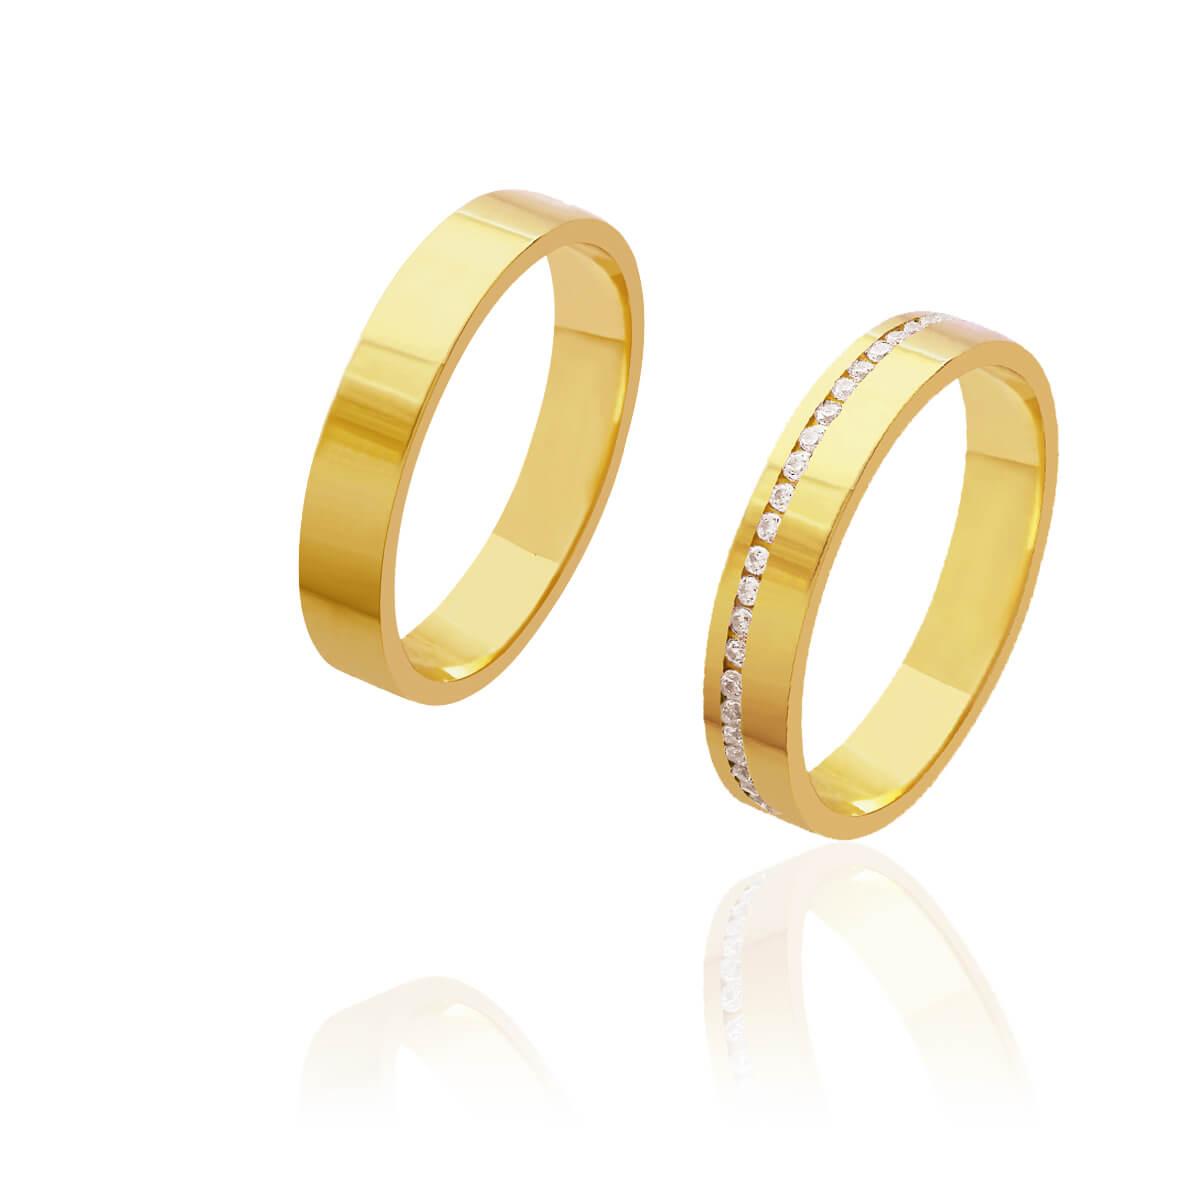 Par de Alianças de Casamento Diana Ouro Reta com Caminho de Brilhantes 4mm 5,5g